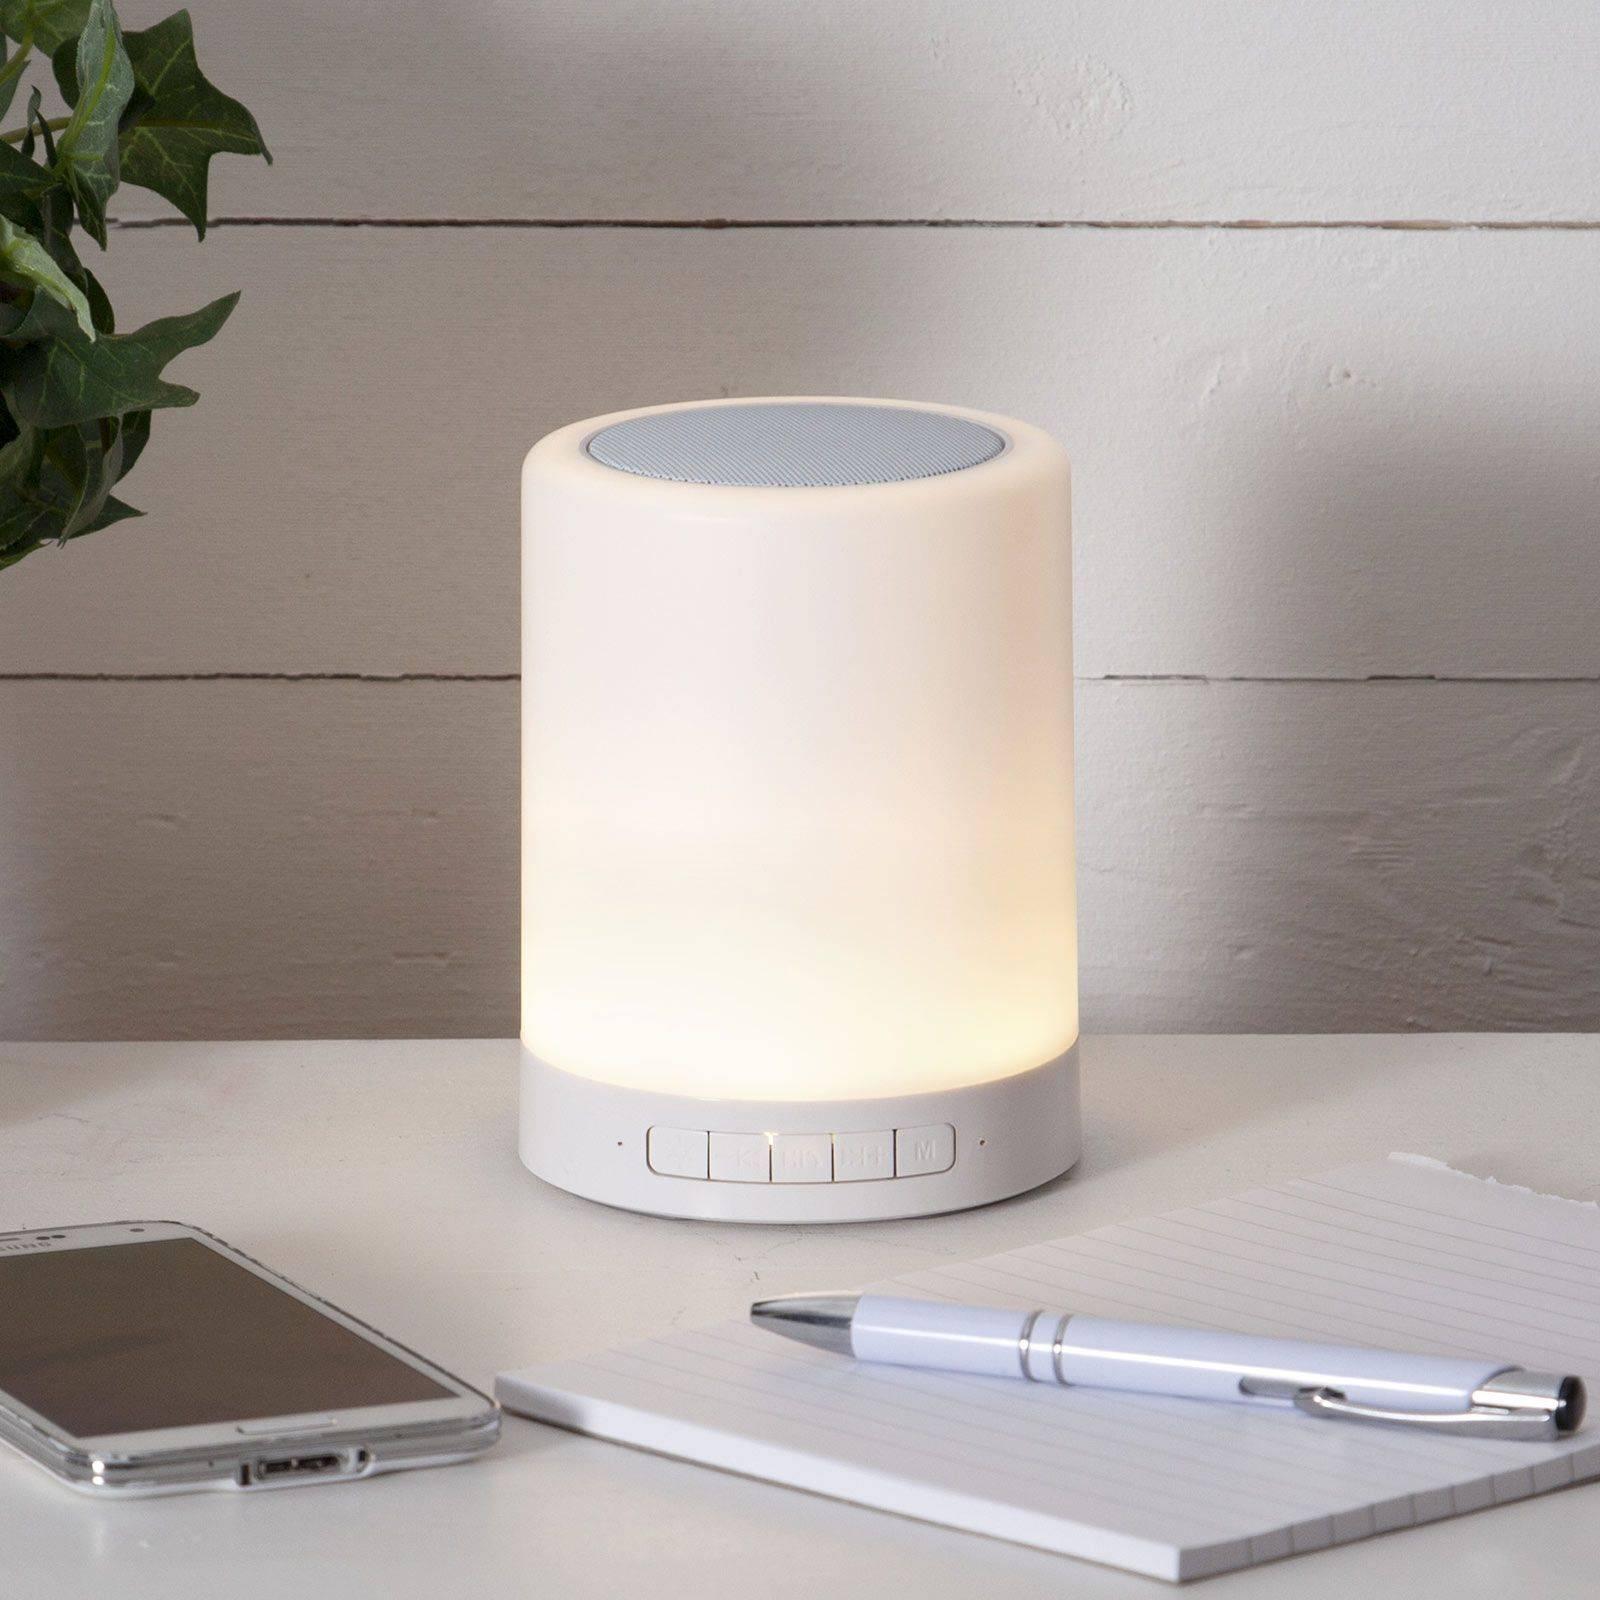 Lampada LED da tavolo 362-81 RGBW altoparlante